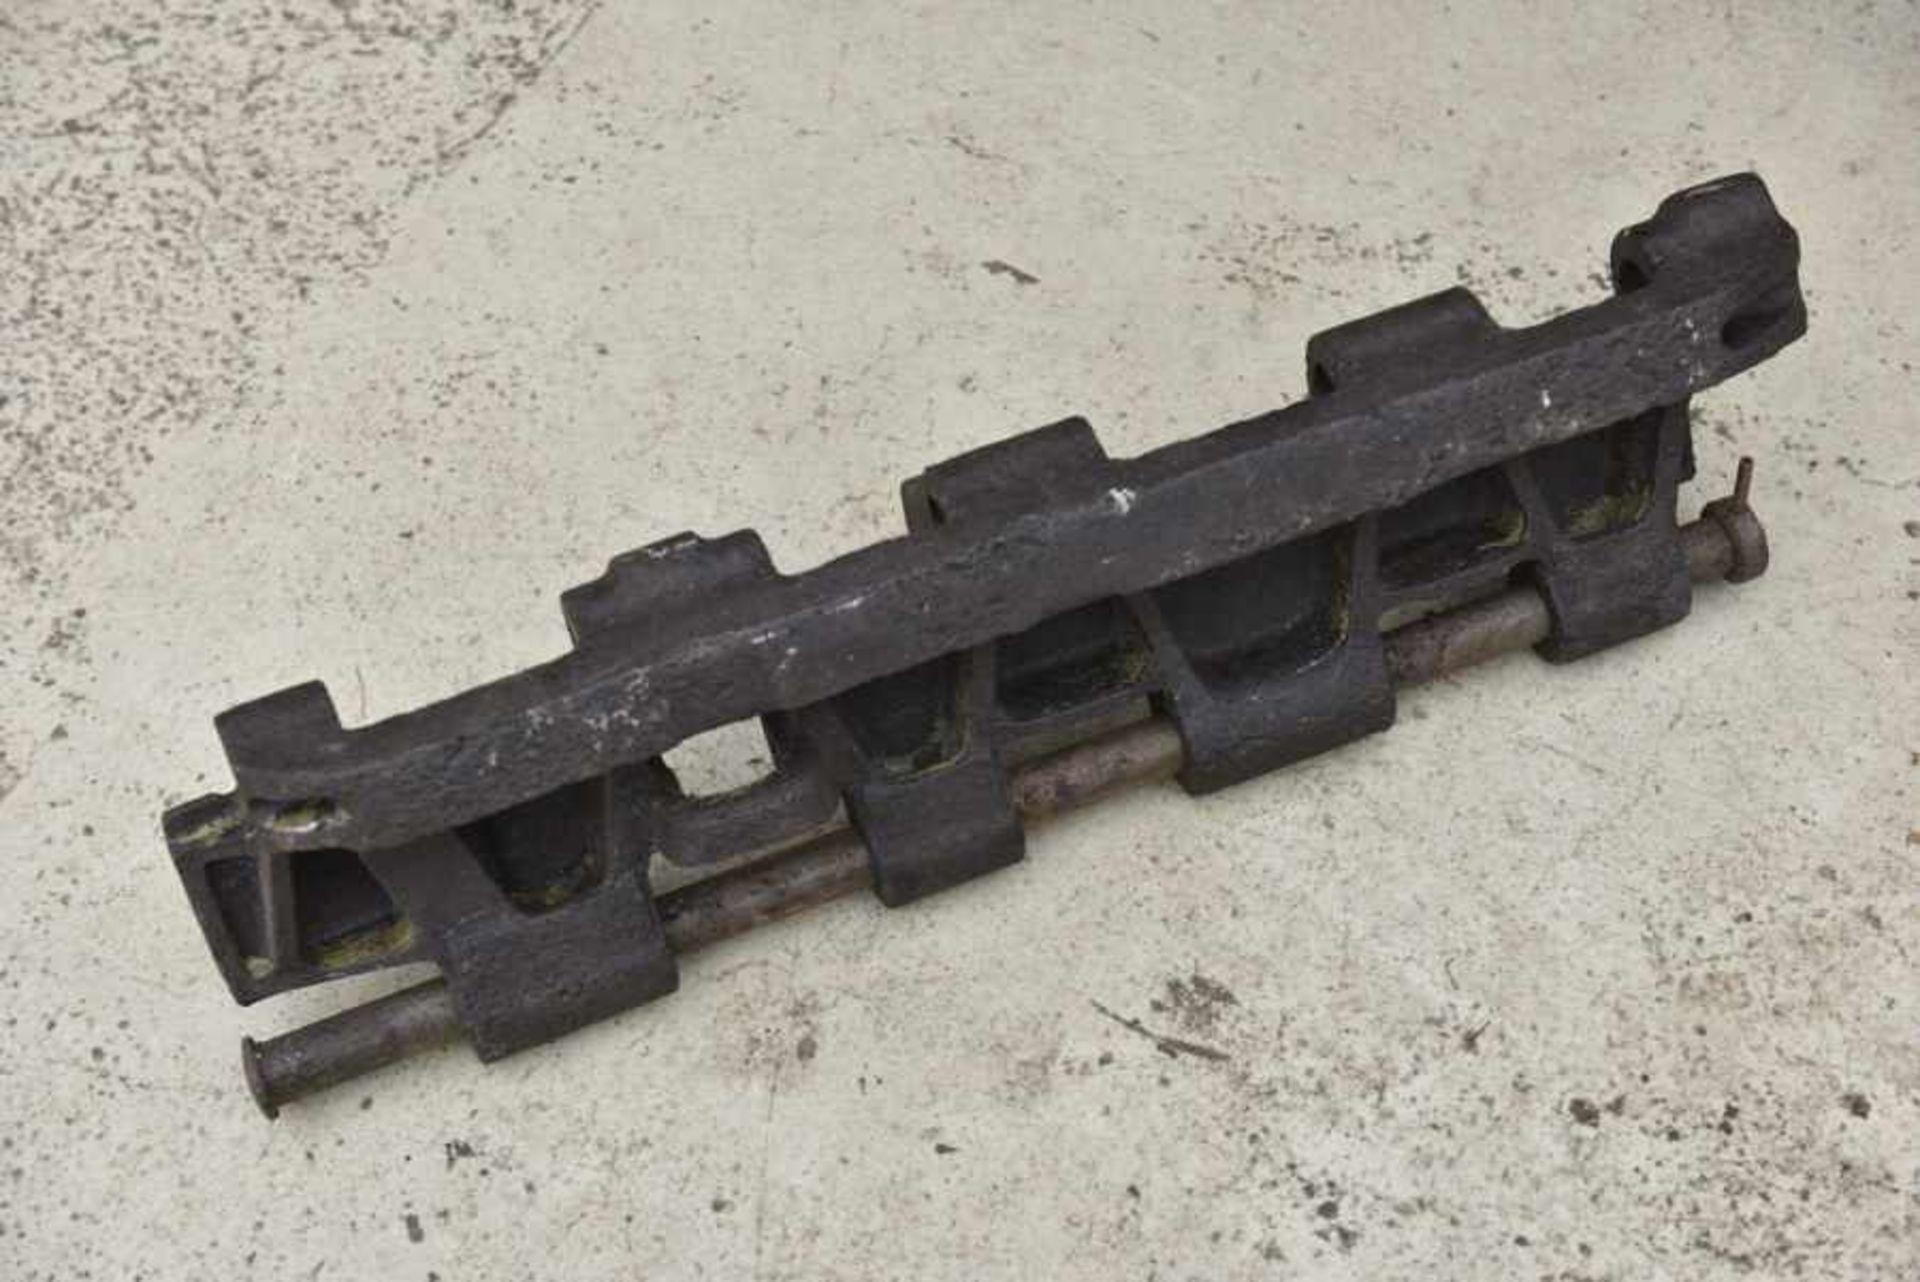 Patin du Char 007 de Mickael Wittmann. Tread plate from the tank 007 of Mickaël WittmannEn métal, - Bild 2 aus 4